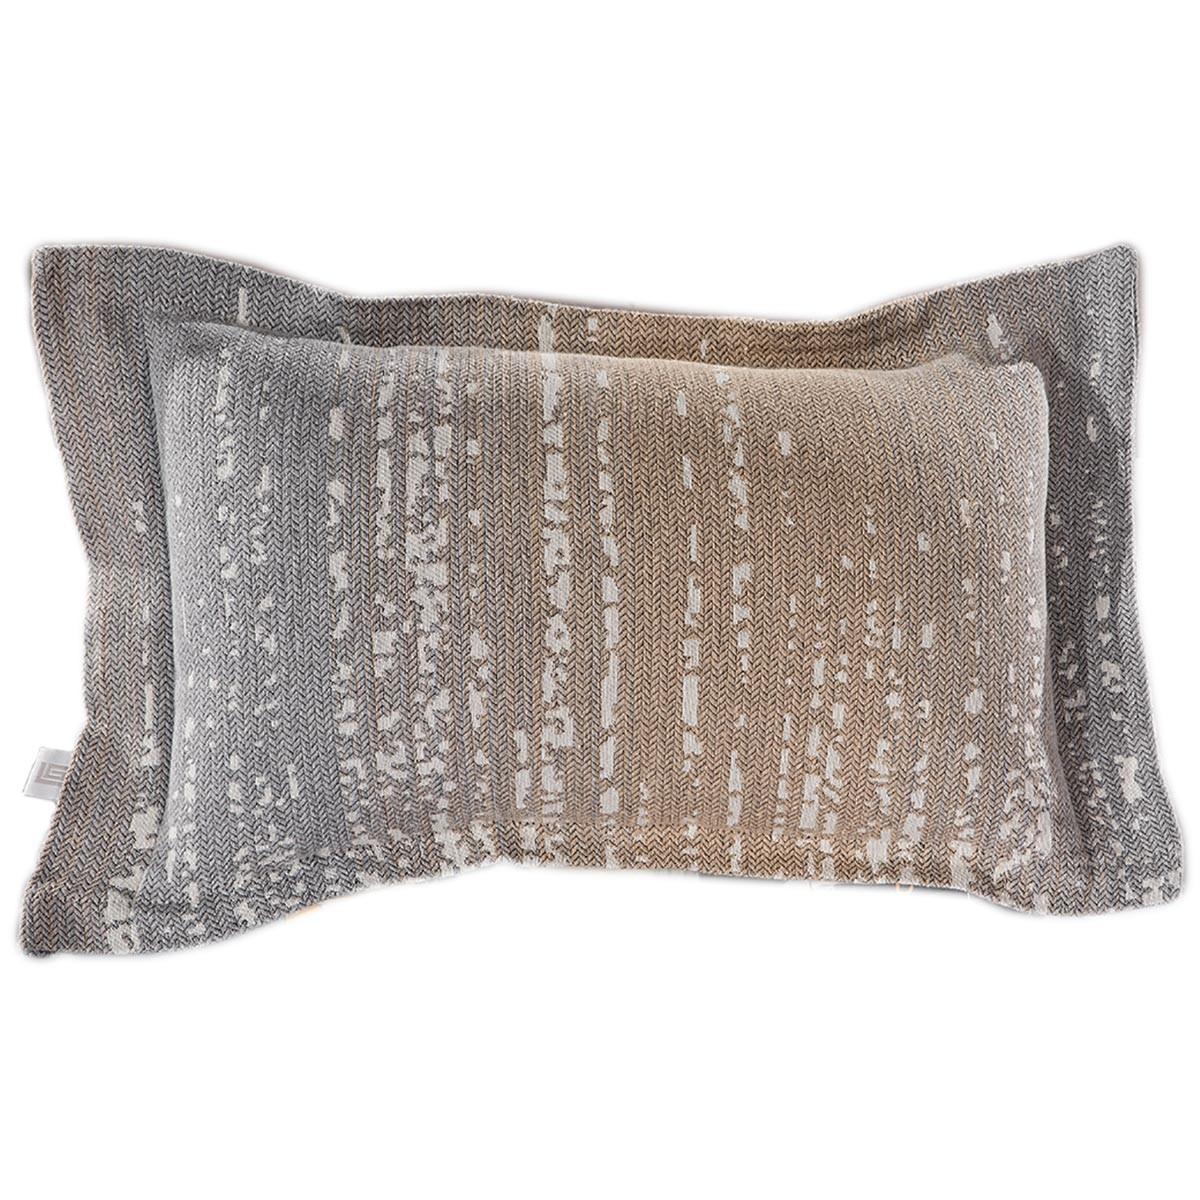 Διακοσμητική Μαξιλαροθήκη (40x60) Guy Laroche Ce-Ba Sand